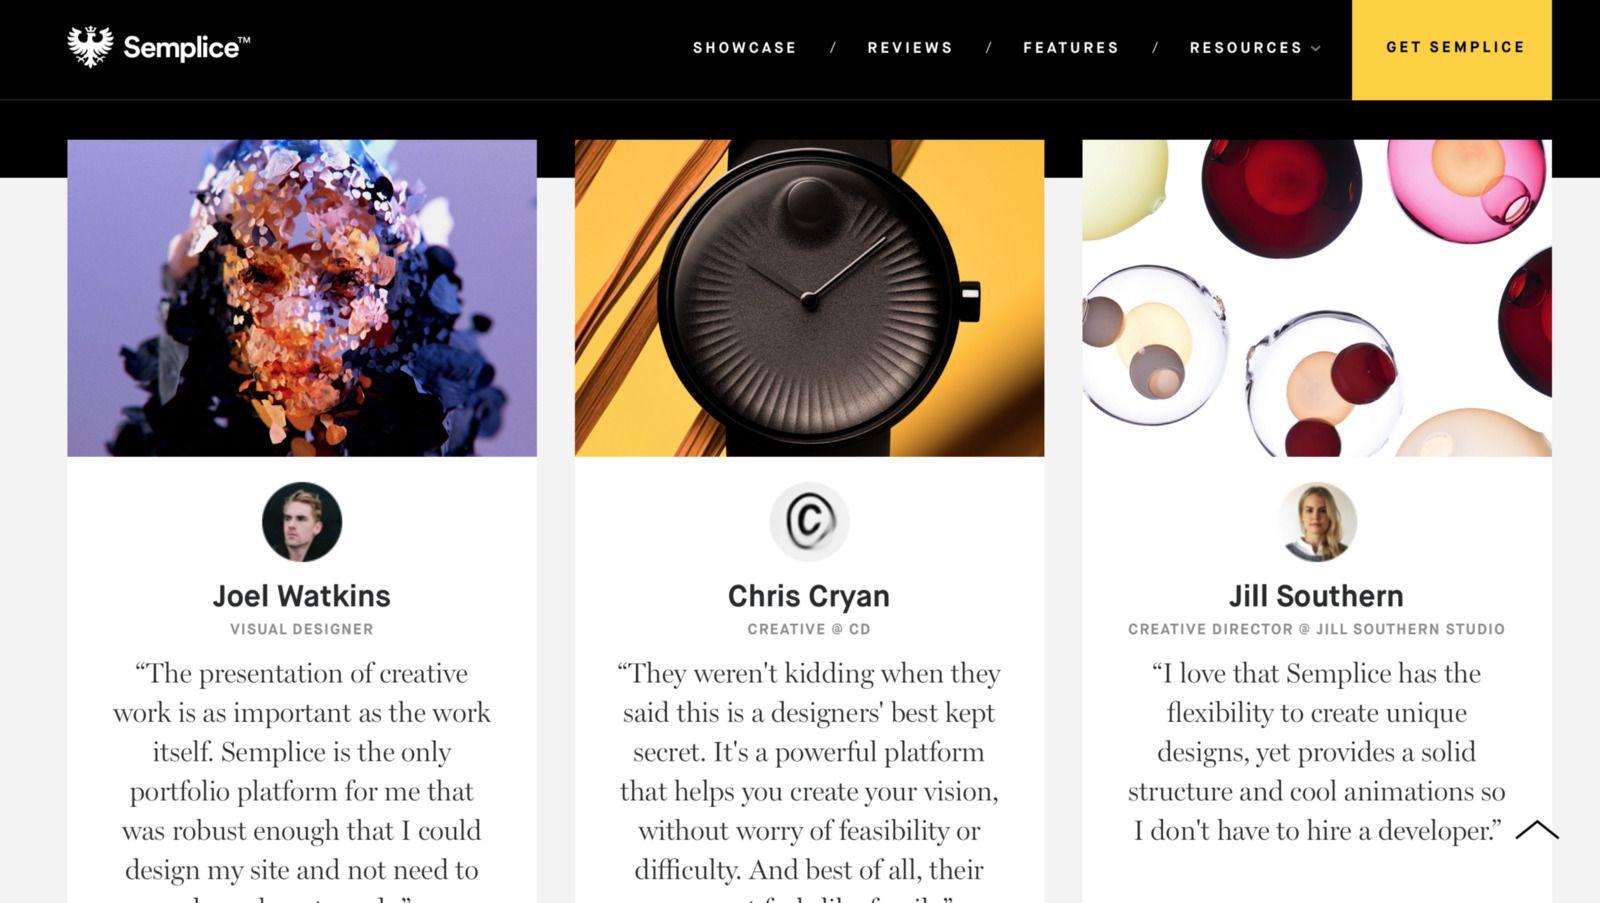 Semplice website